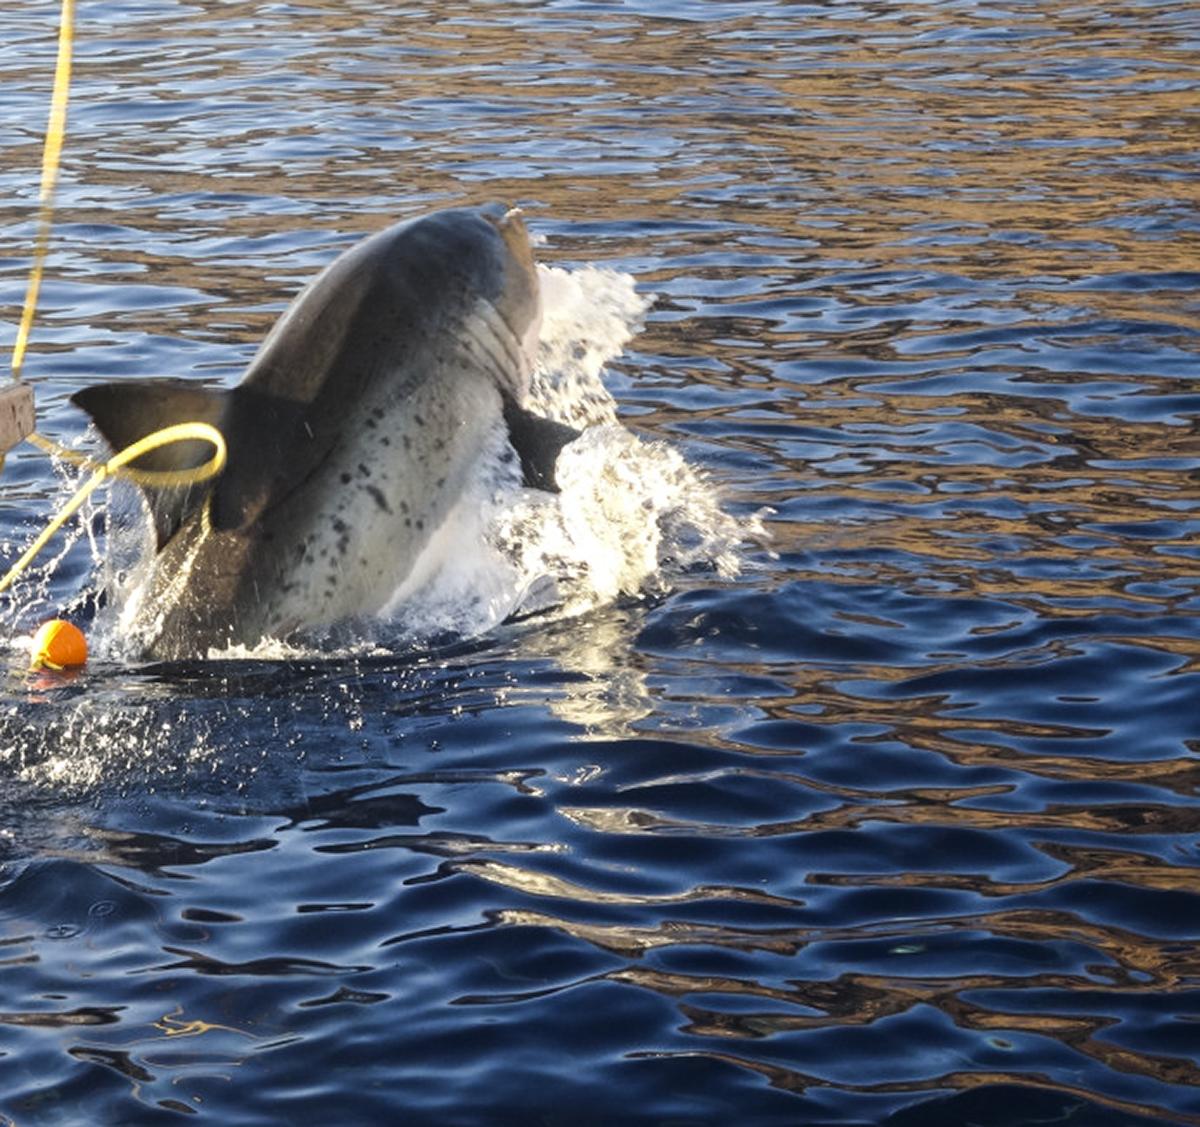 A partial shark breach